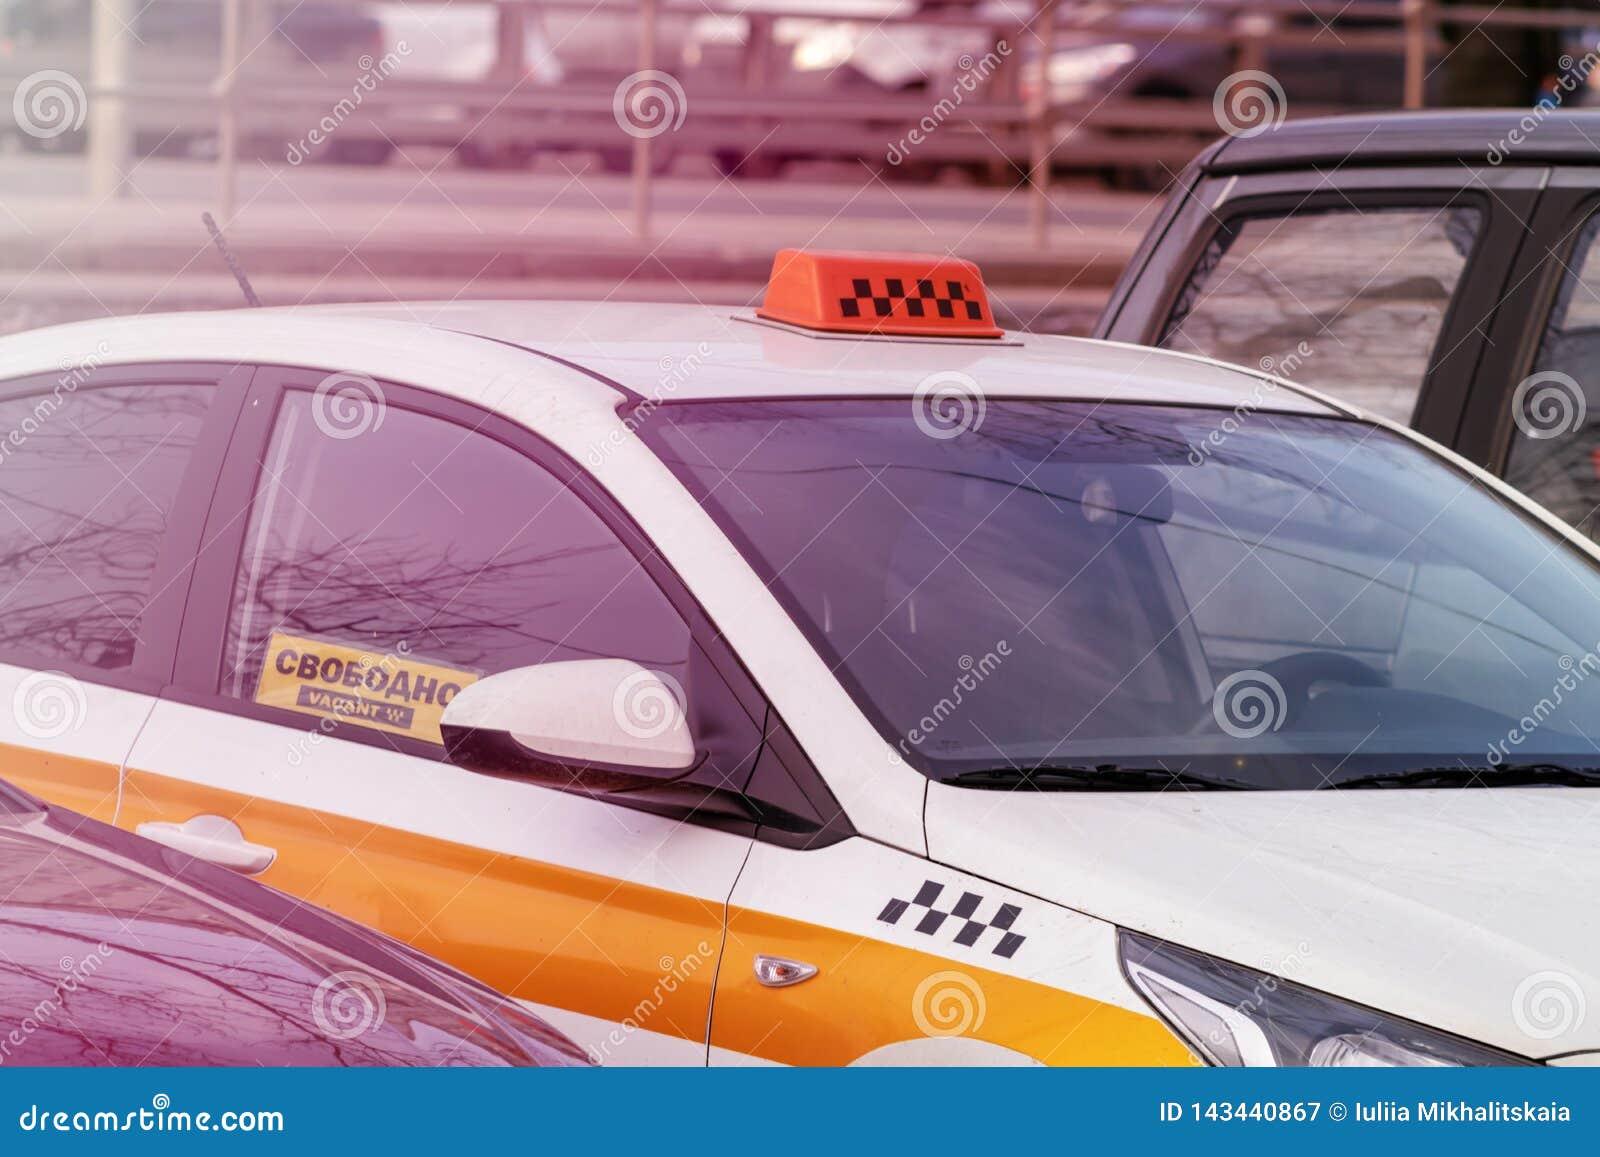 Il segno libero in una finestra di automobile del taxi ha visualizzato liberamente, prendendo il taxi